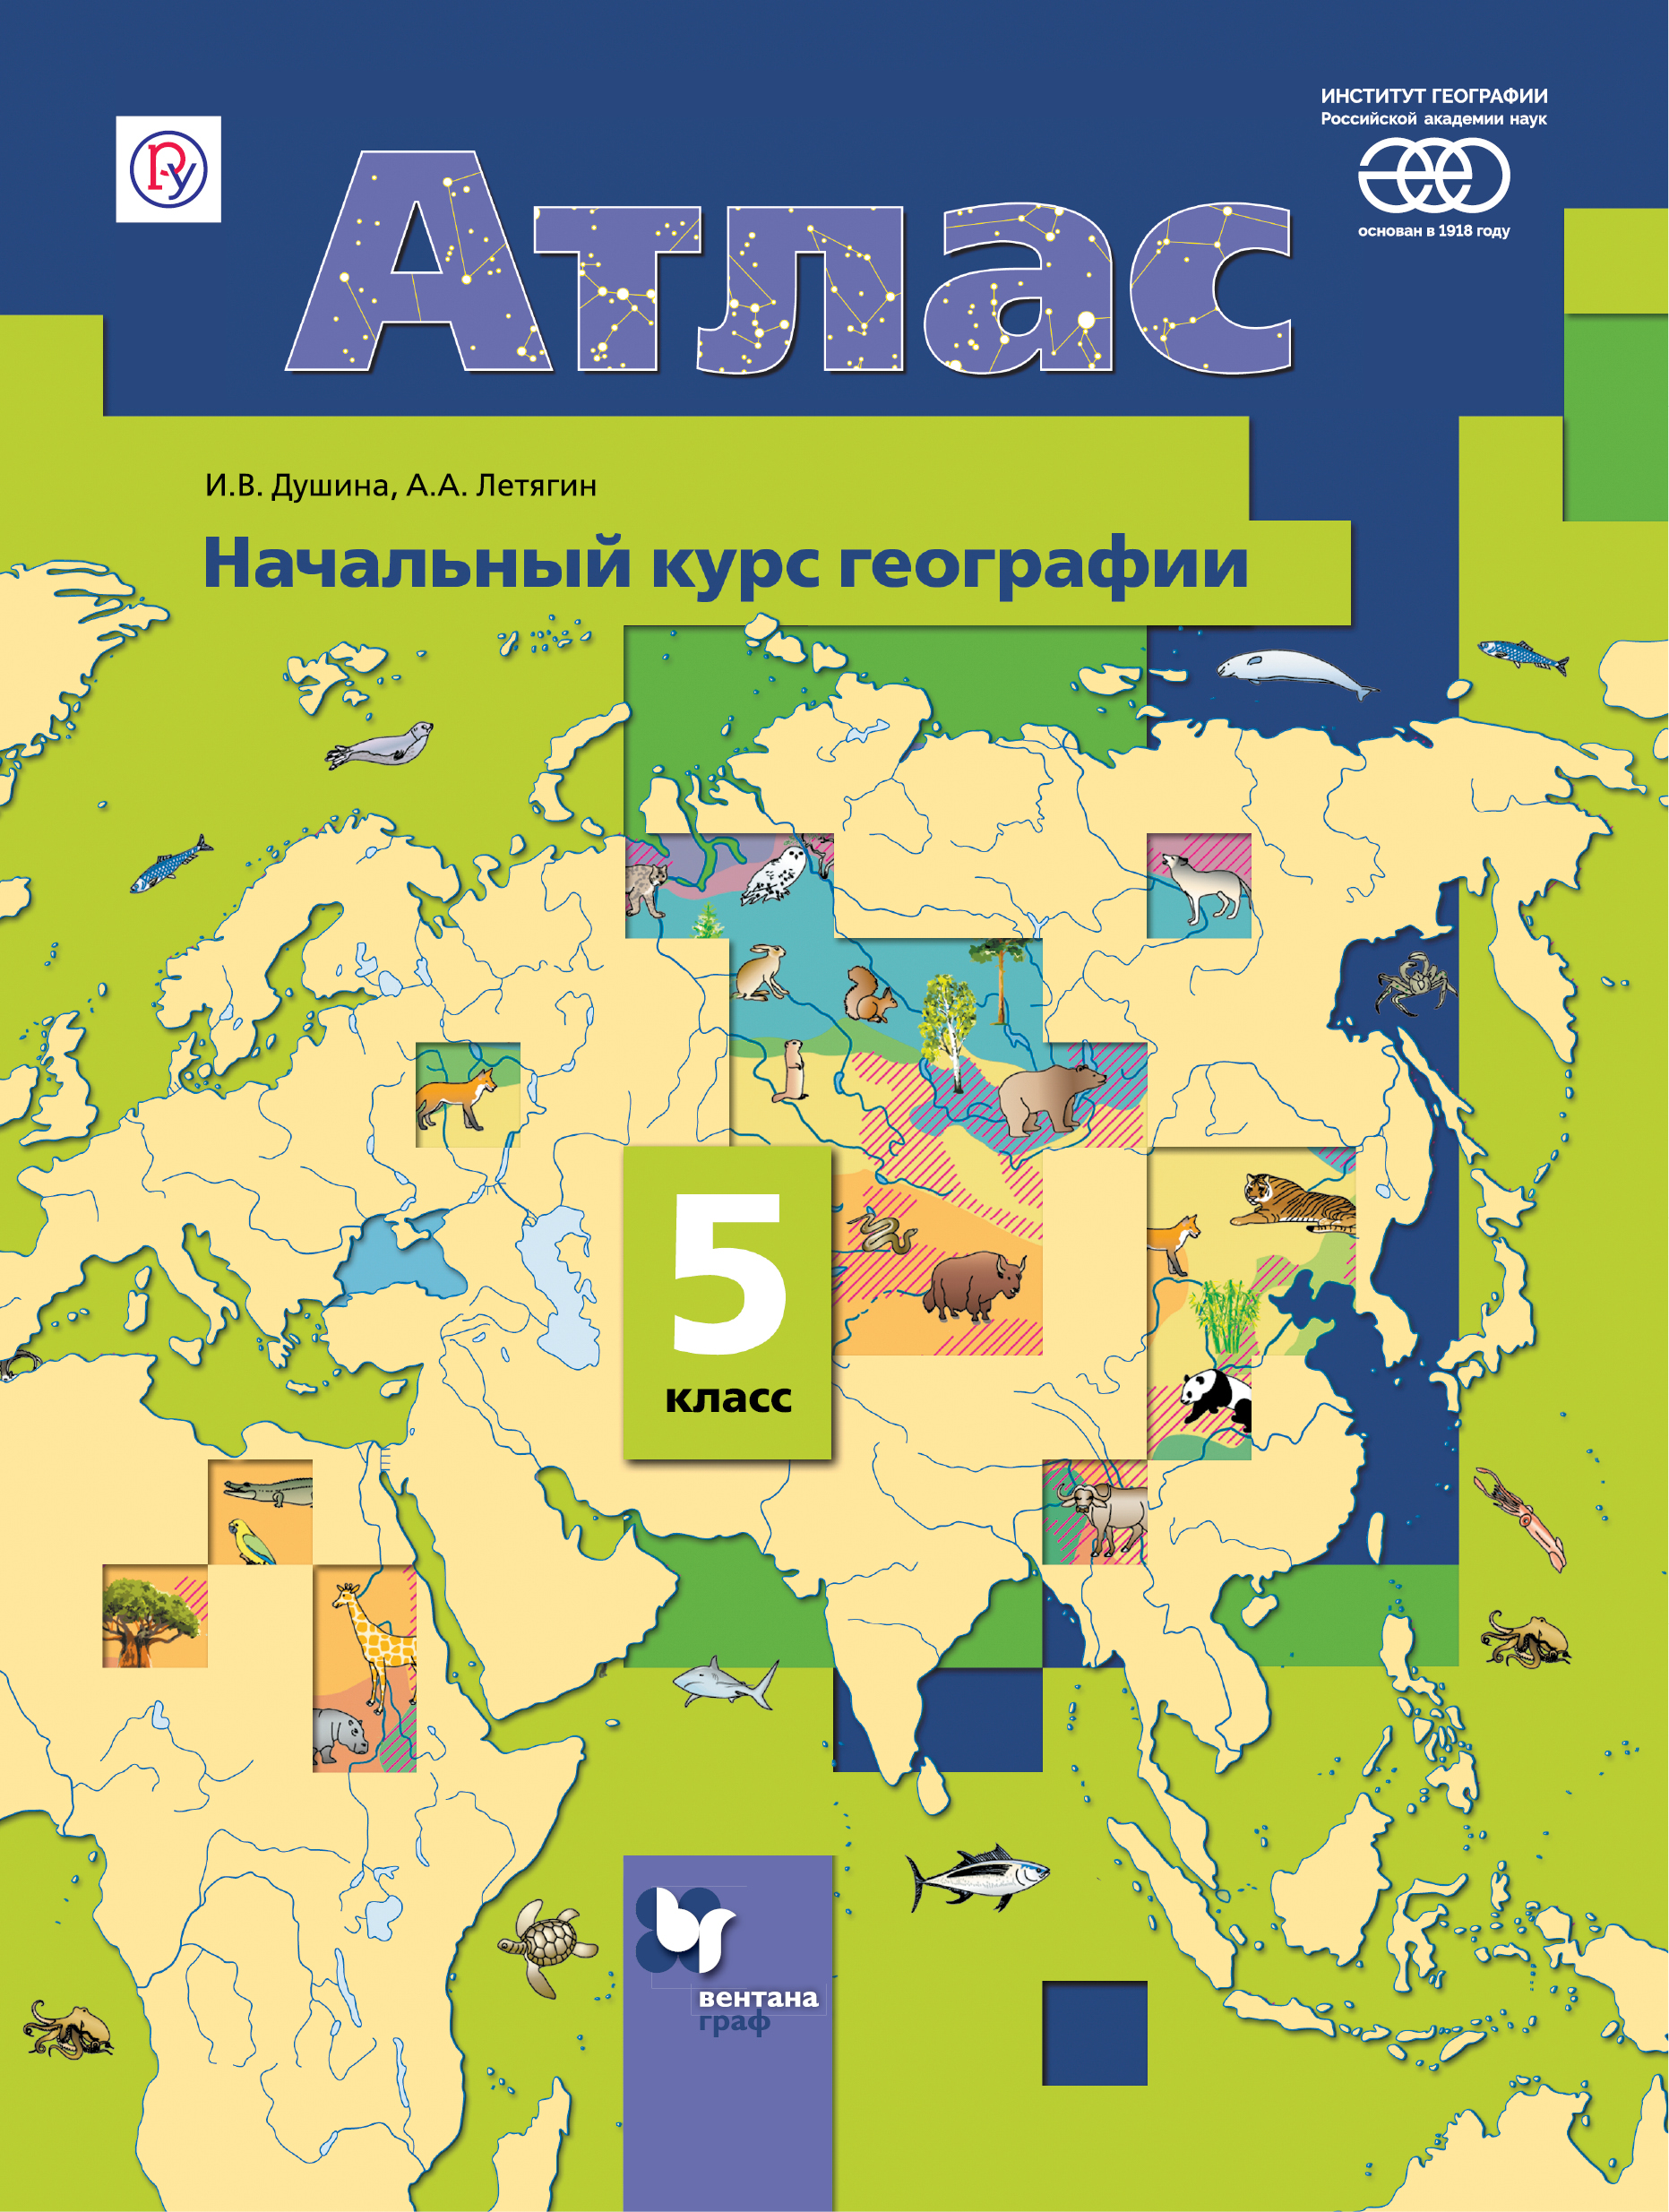 География. Начальный курс географии. 5класс. Атлас